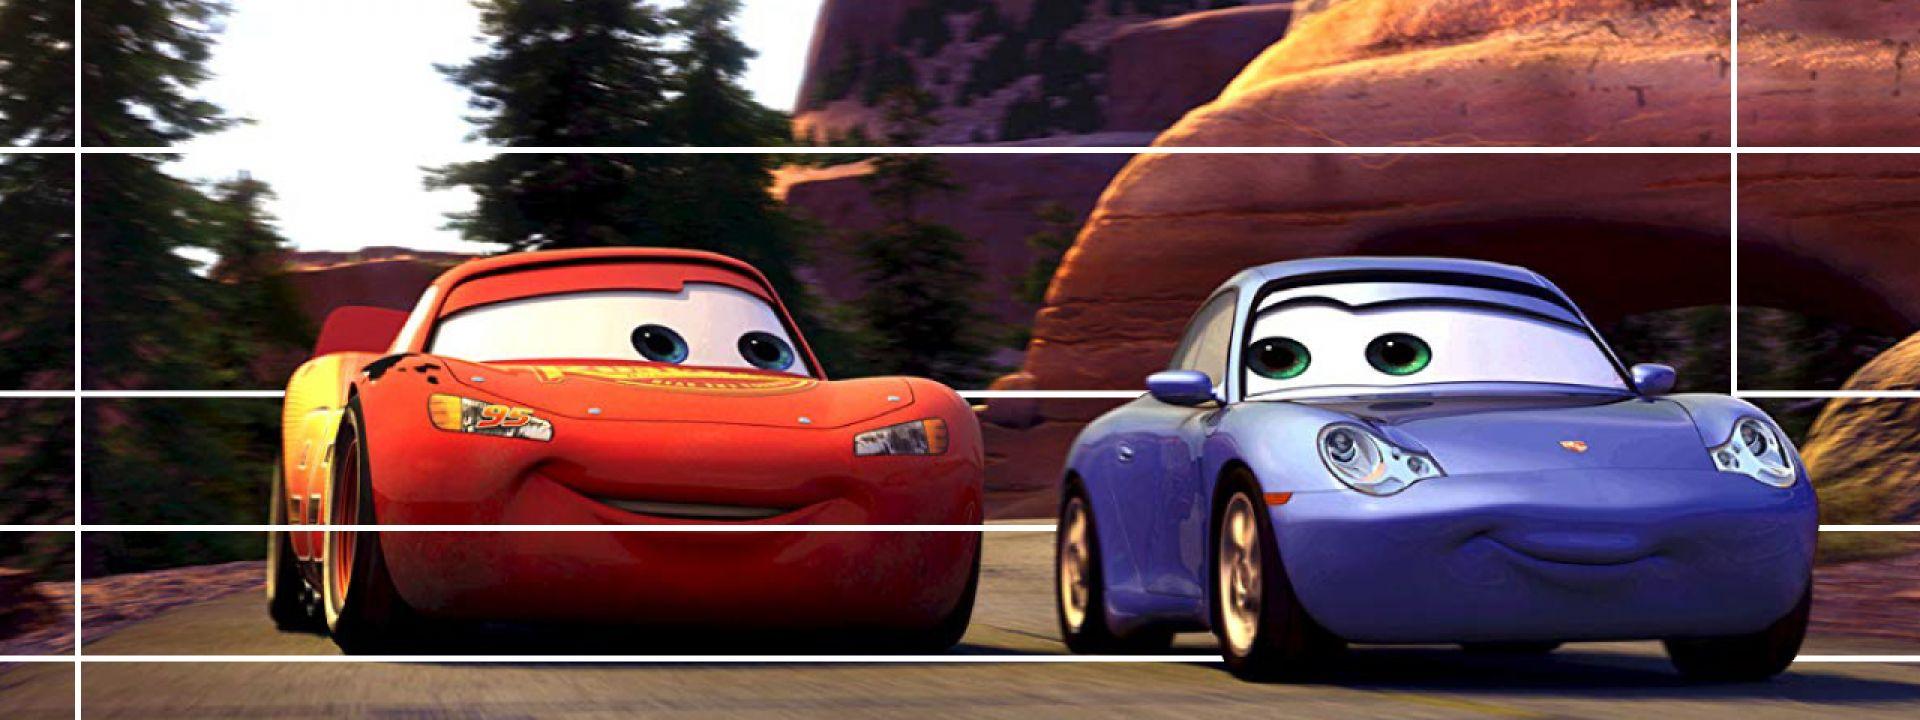 Φωτογραφία από την ταινία κινουμένω σχεδίων Αυτοκίνητα